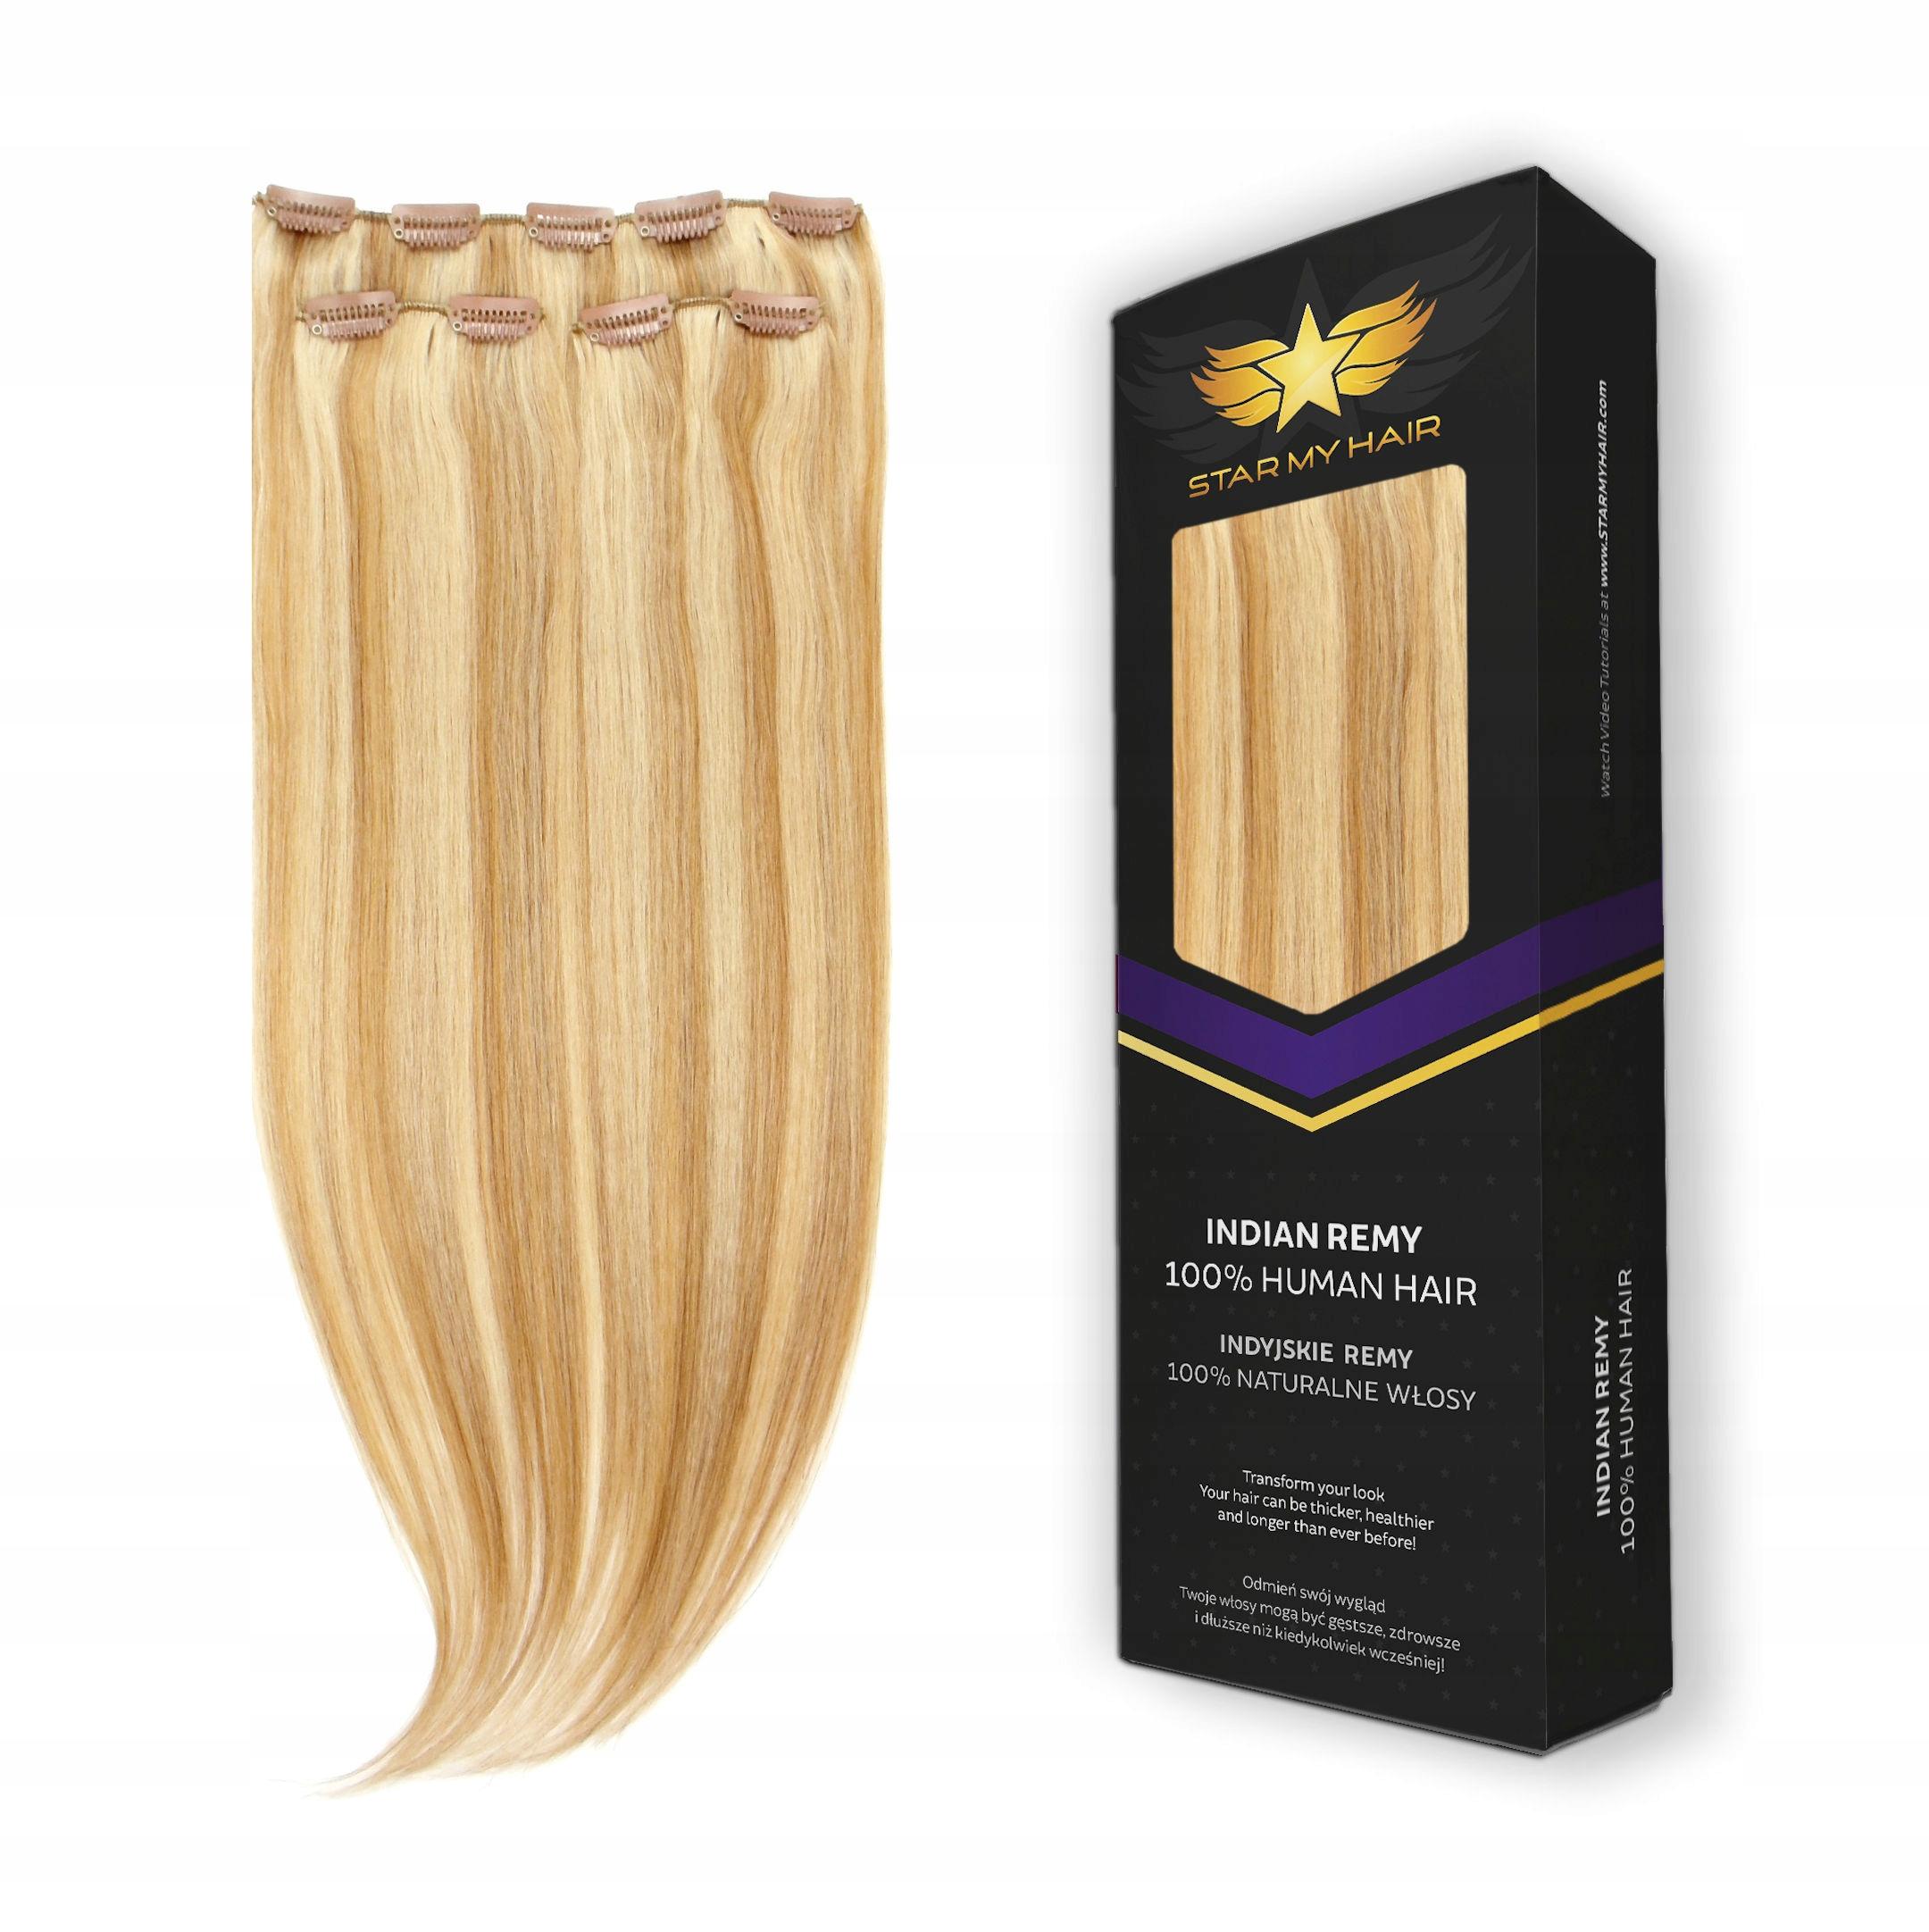 Волосы прикреплены 100% натуральный CLIP IN ON допинки